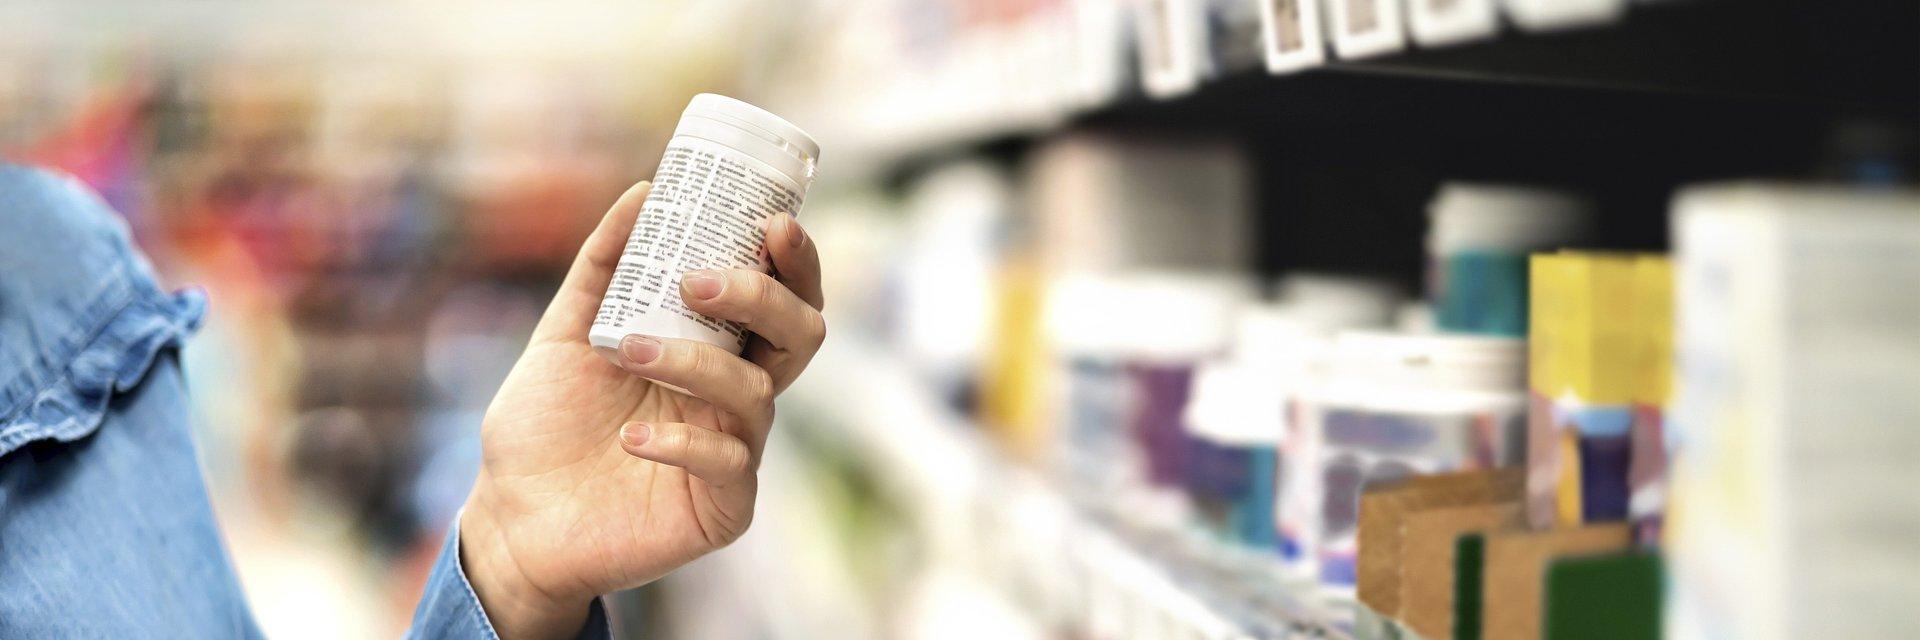 Światowy Dzień Cukrzycy: co drugi Polak uważa leczenie tej choroby za zbyt kosztowne